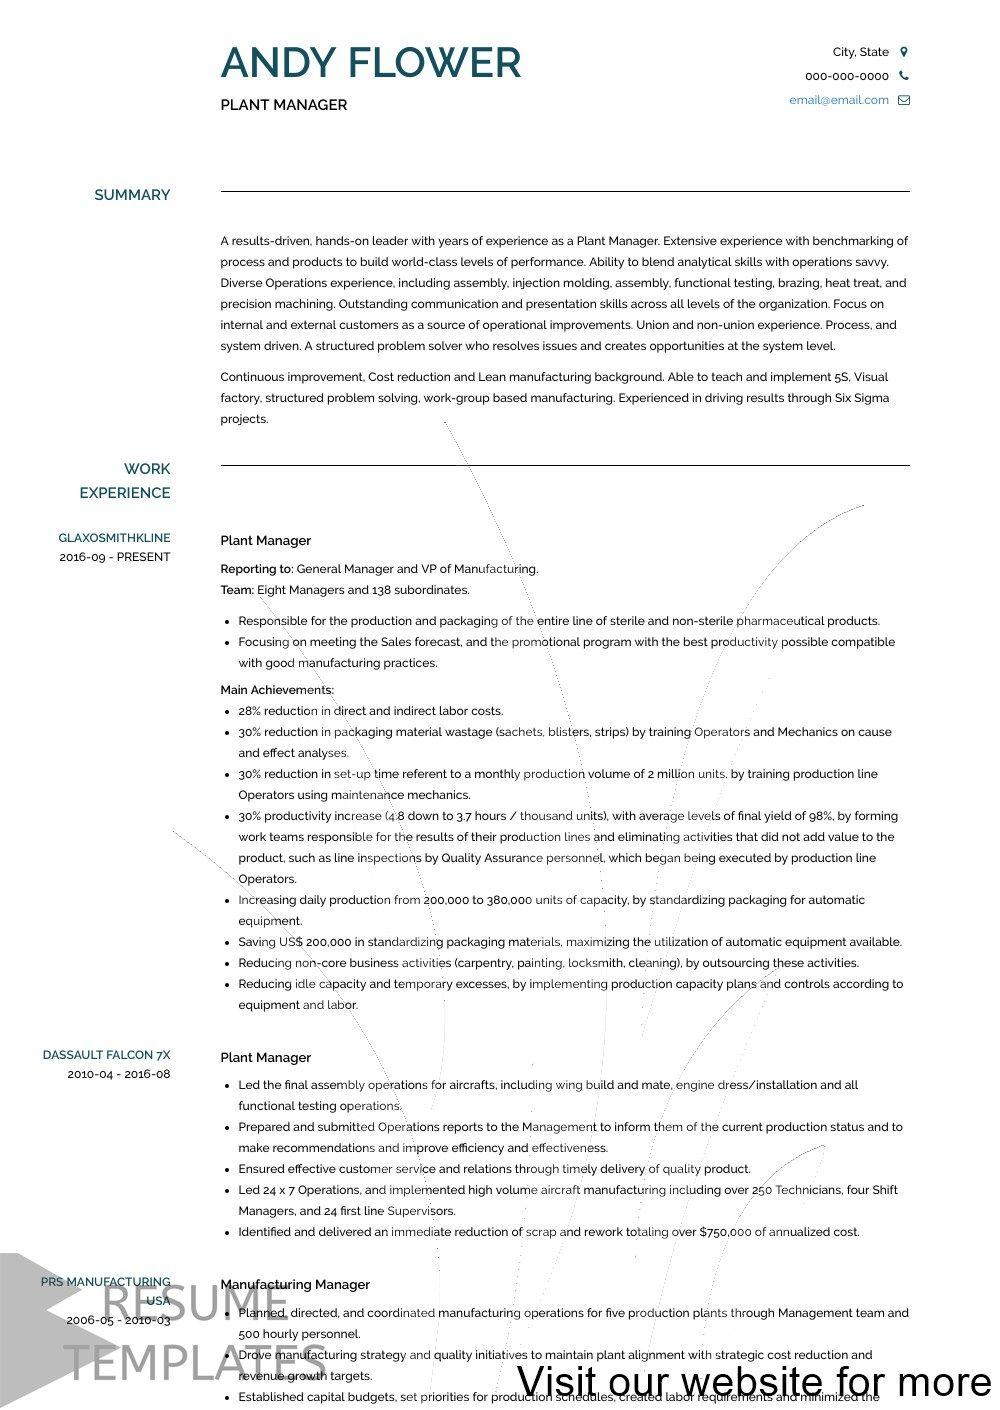 best free resume builders 2020 in 2020 Resume cover